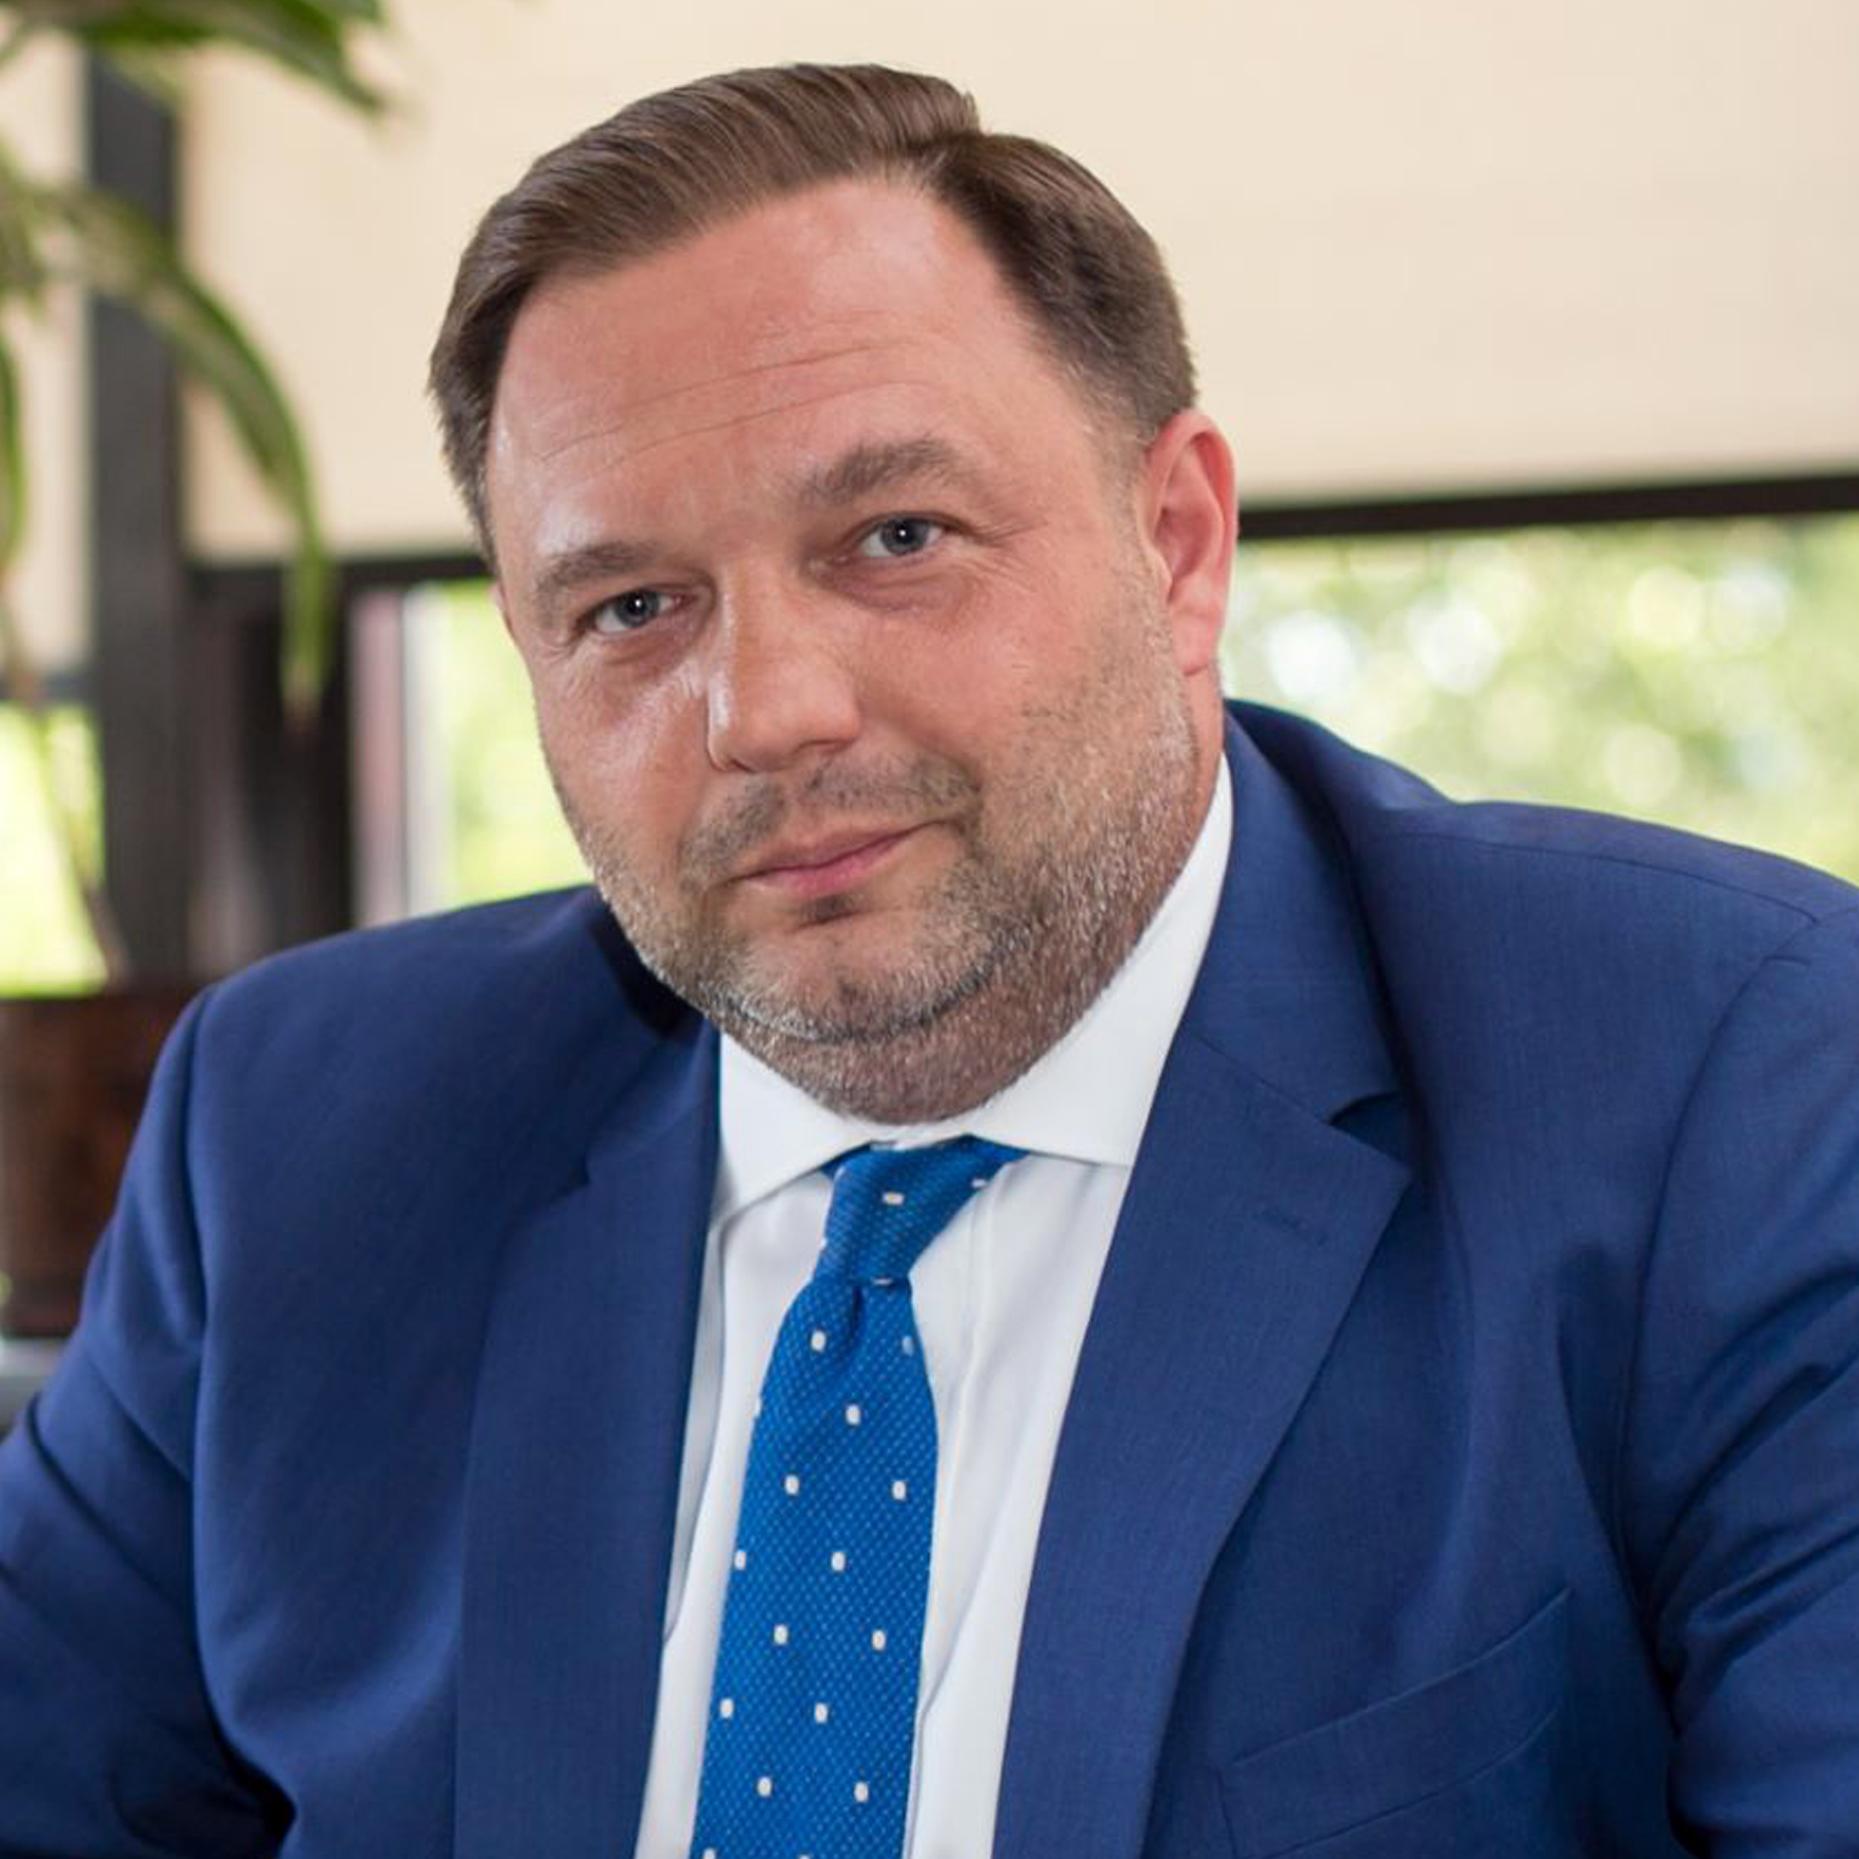 Andrzej Kalinowski